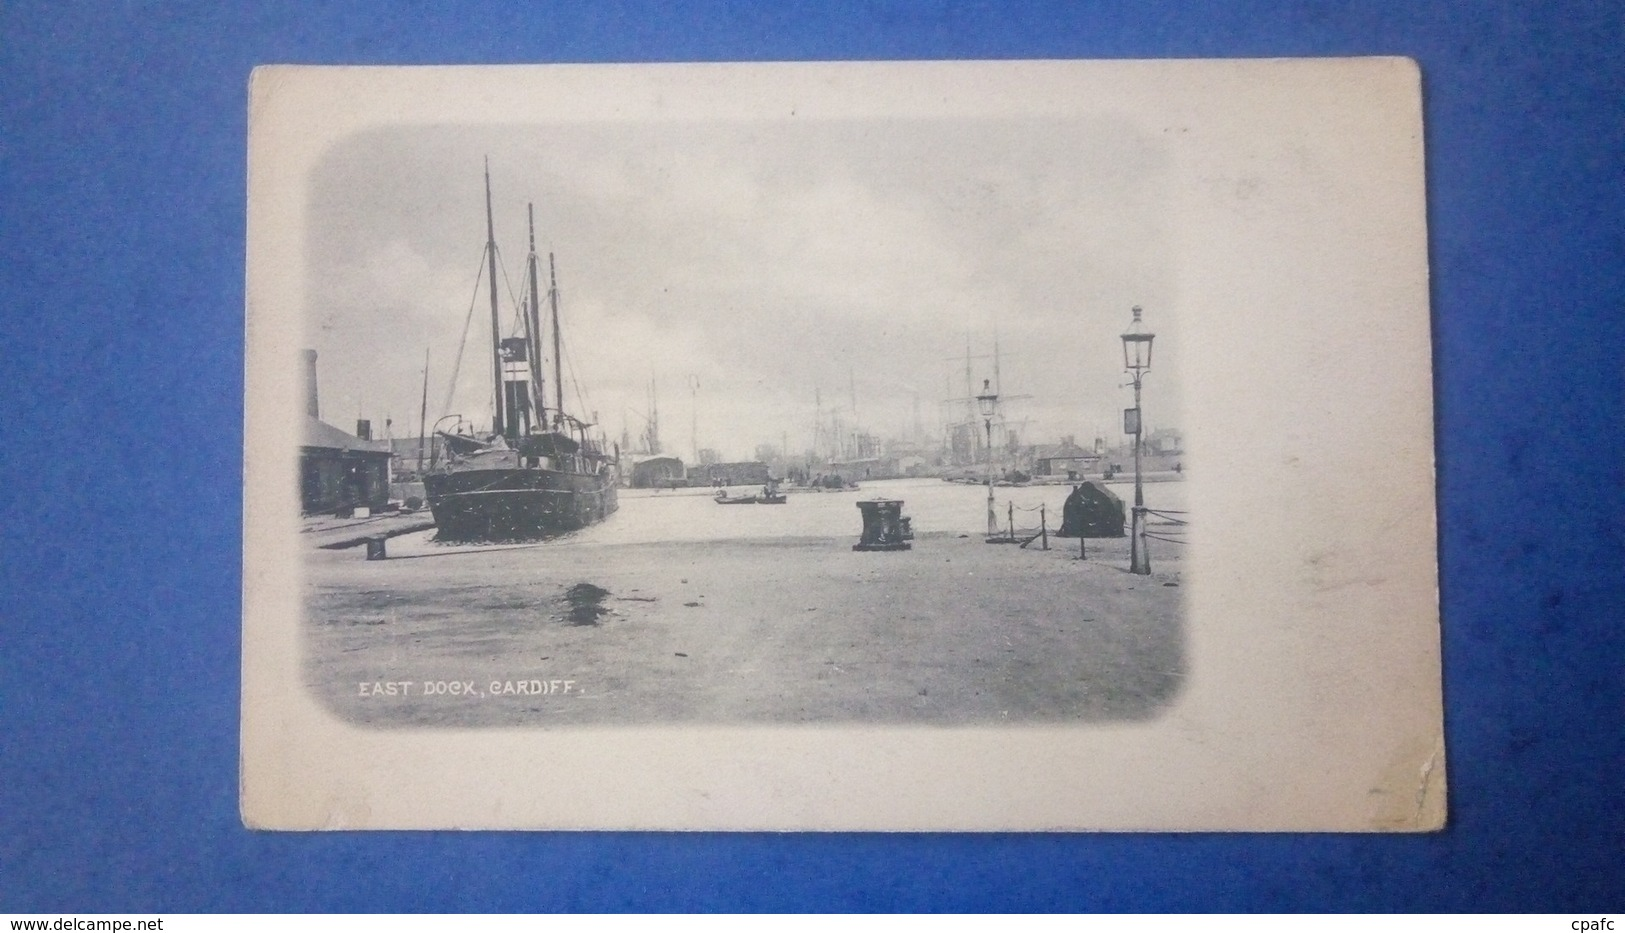 Royaume-Uni - Pays De Galles - East Dock, Cardiff (Boats, Bateaux) - Autres